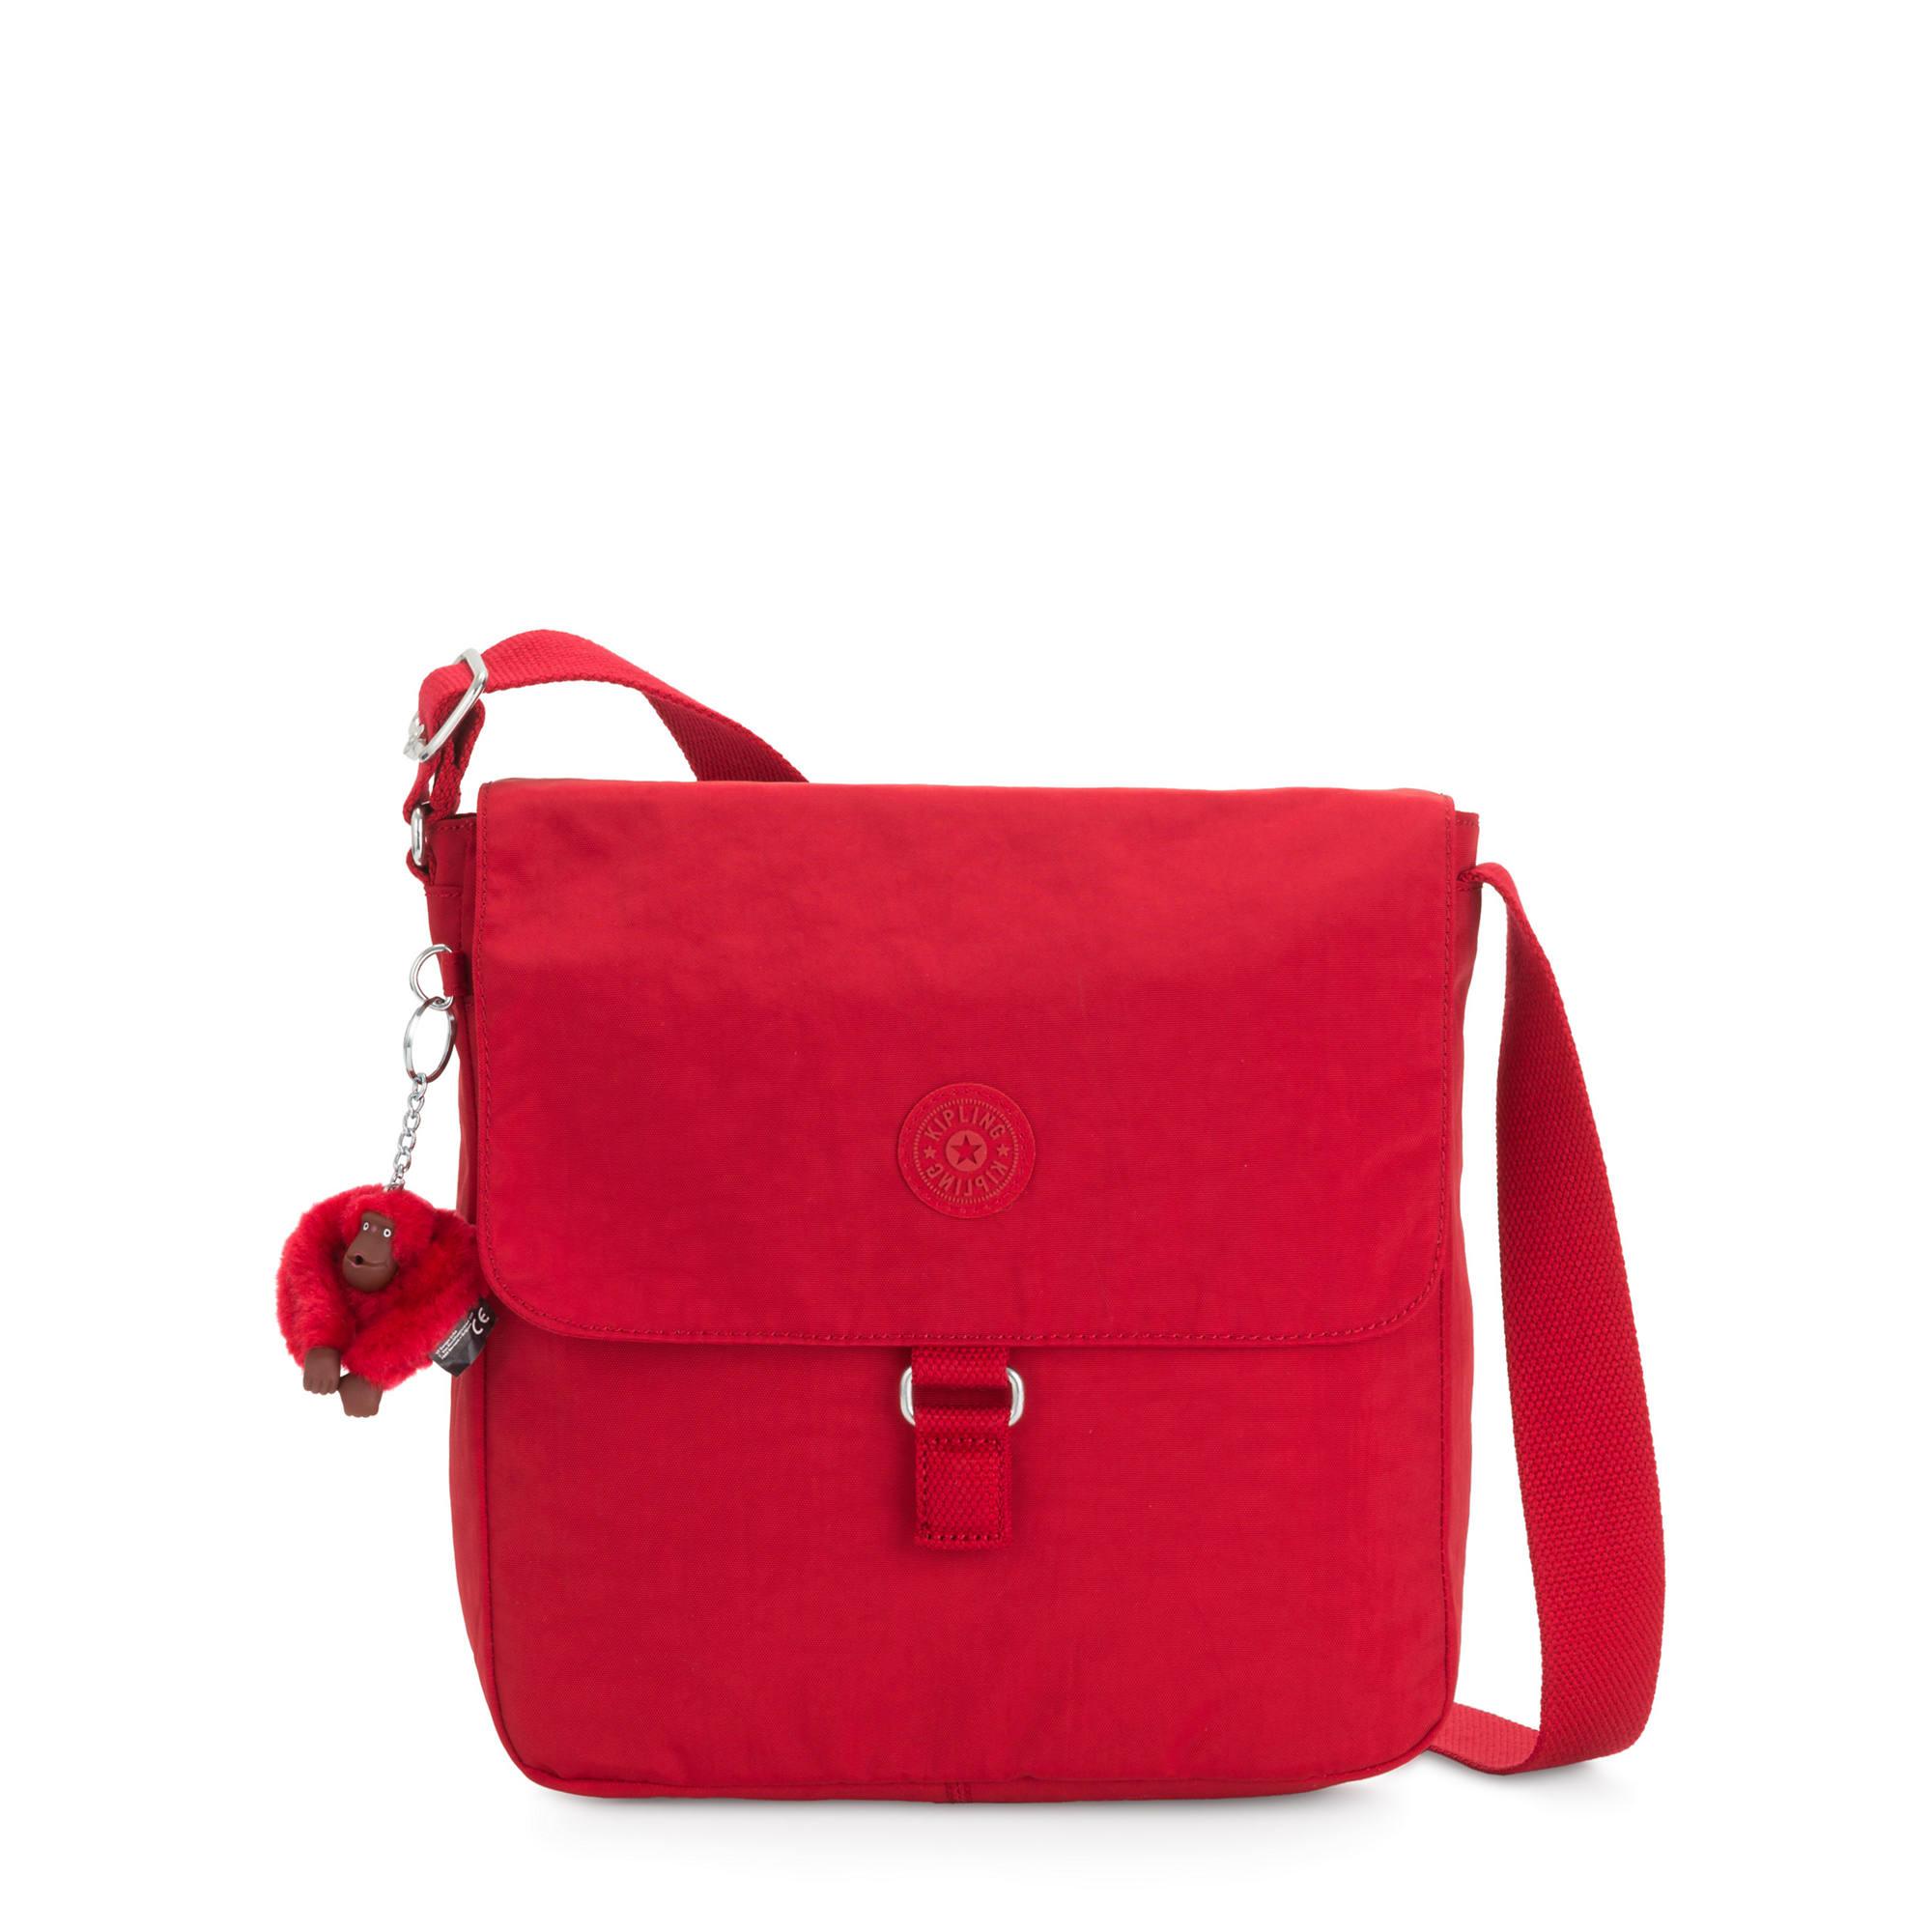 浙江省杭州购物袋旅游包袋logo贴牌厂家